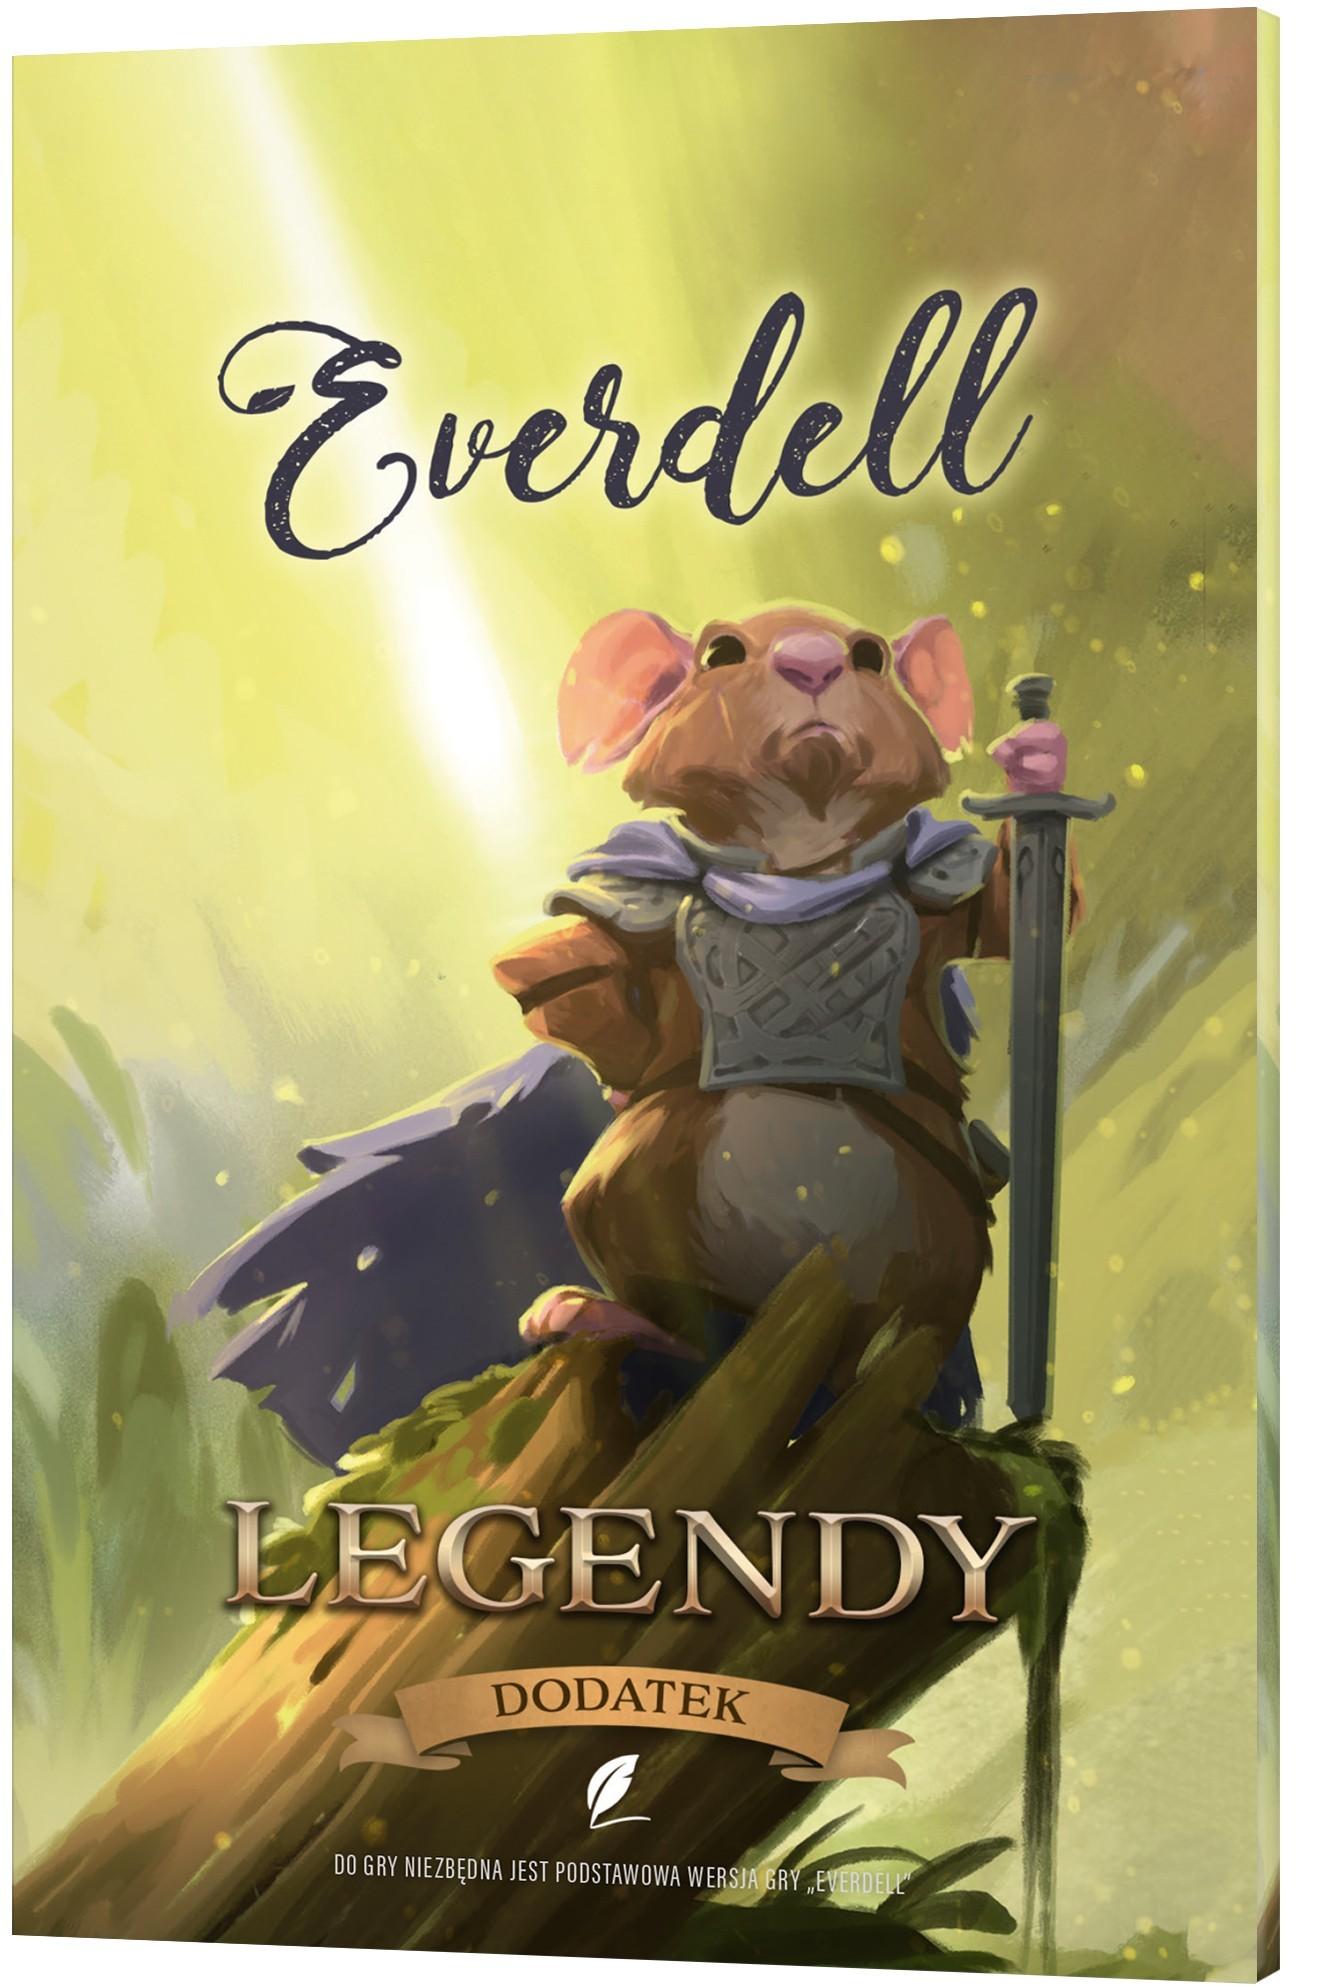 Everdell: Legendy (edycja polska)